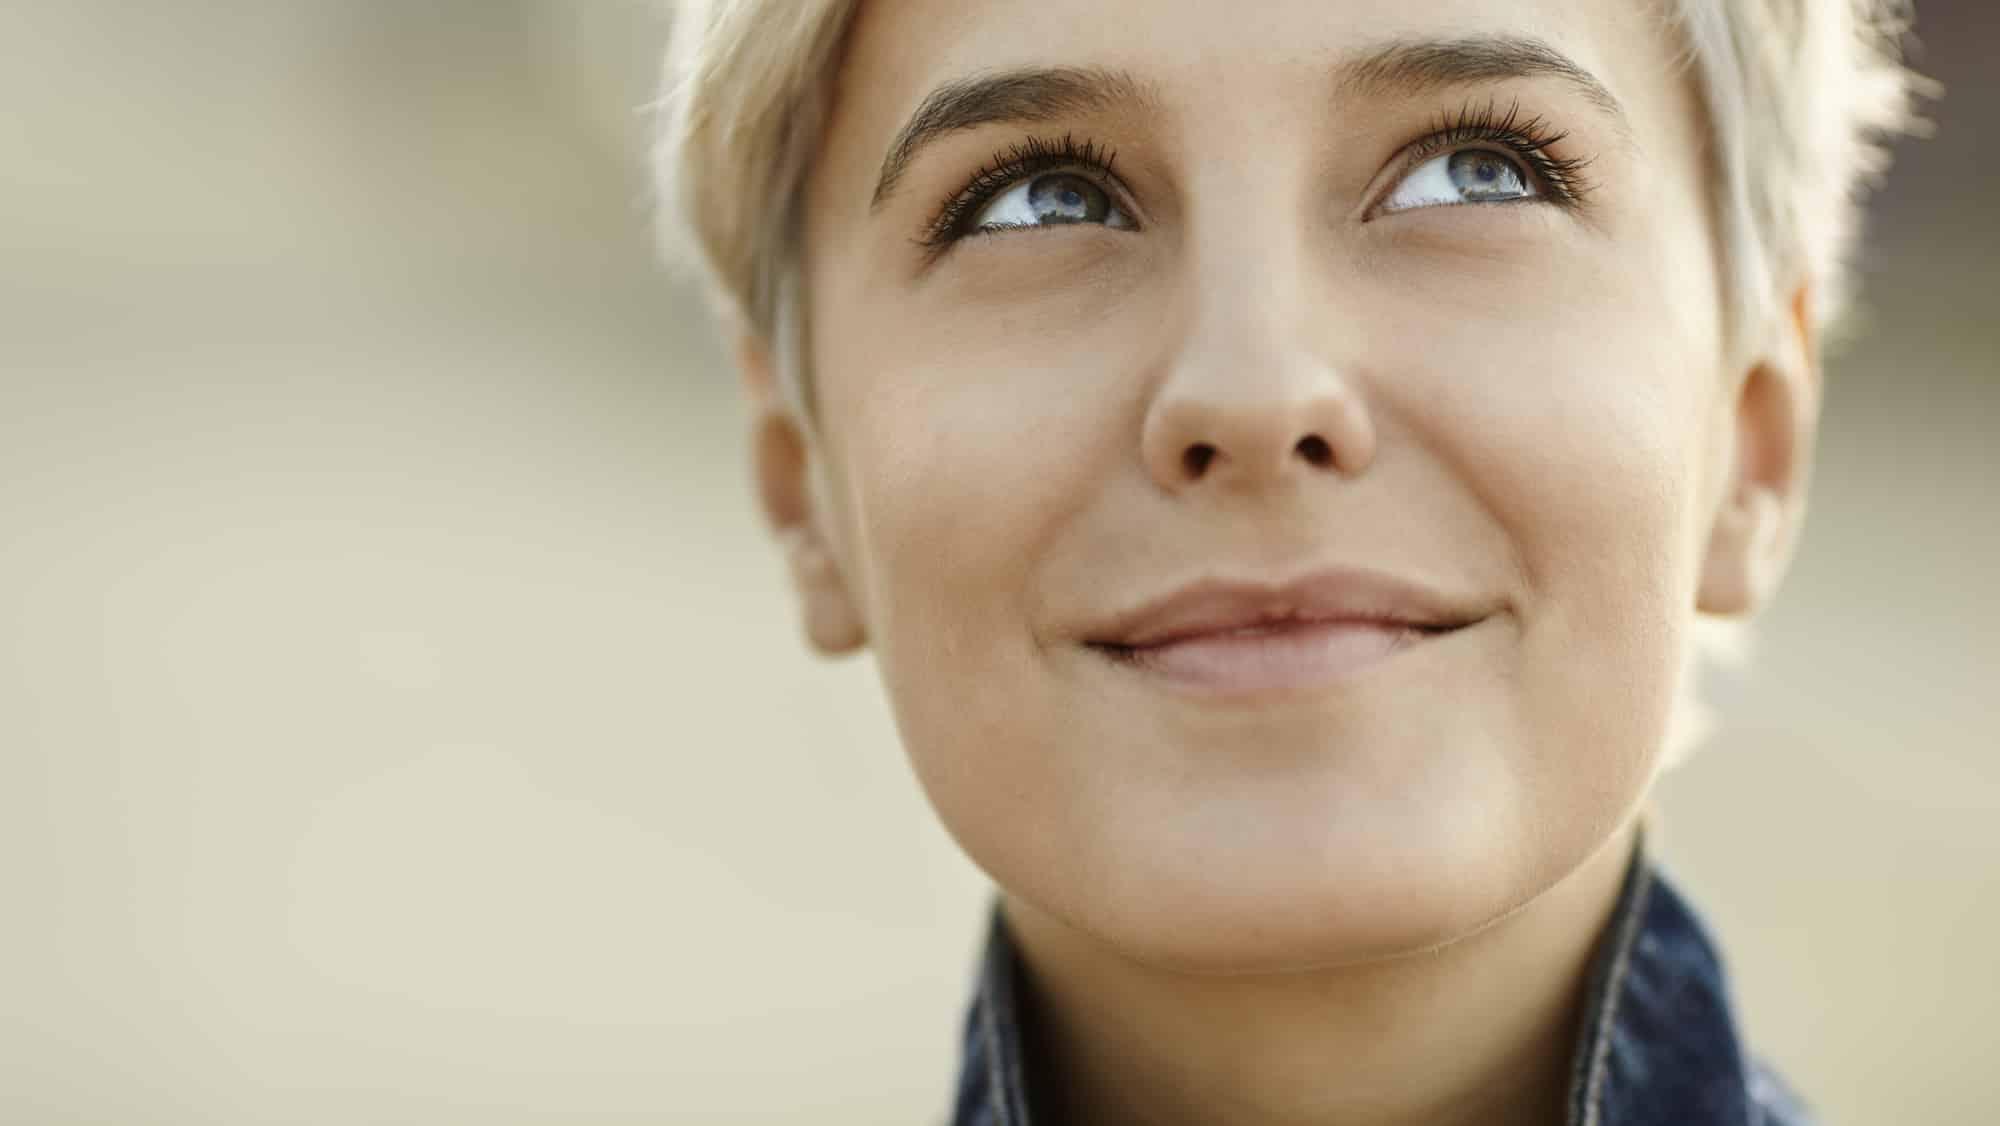 Lebensmotto 75 Inspirierende Spruche Tipps Zur Auswahl   finde und teile inspirierende zitate,sprueche und lebensweisheiten auf visual statements®. lebensmotto 75 inspirierende spruche